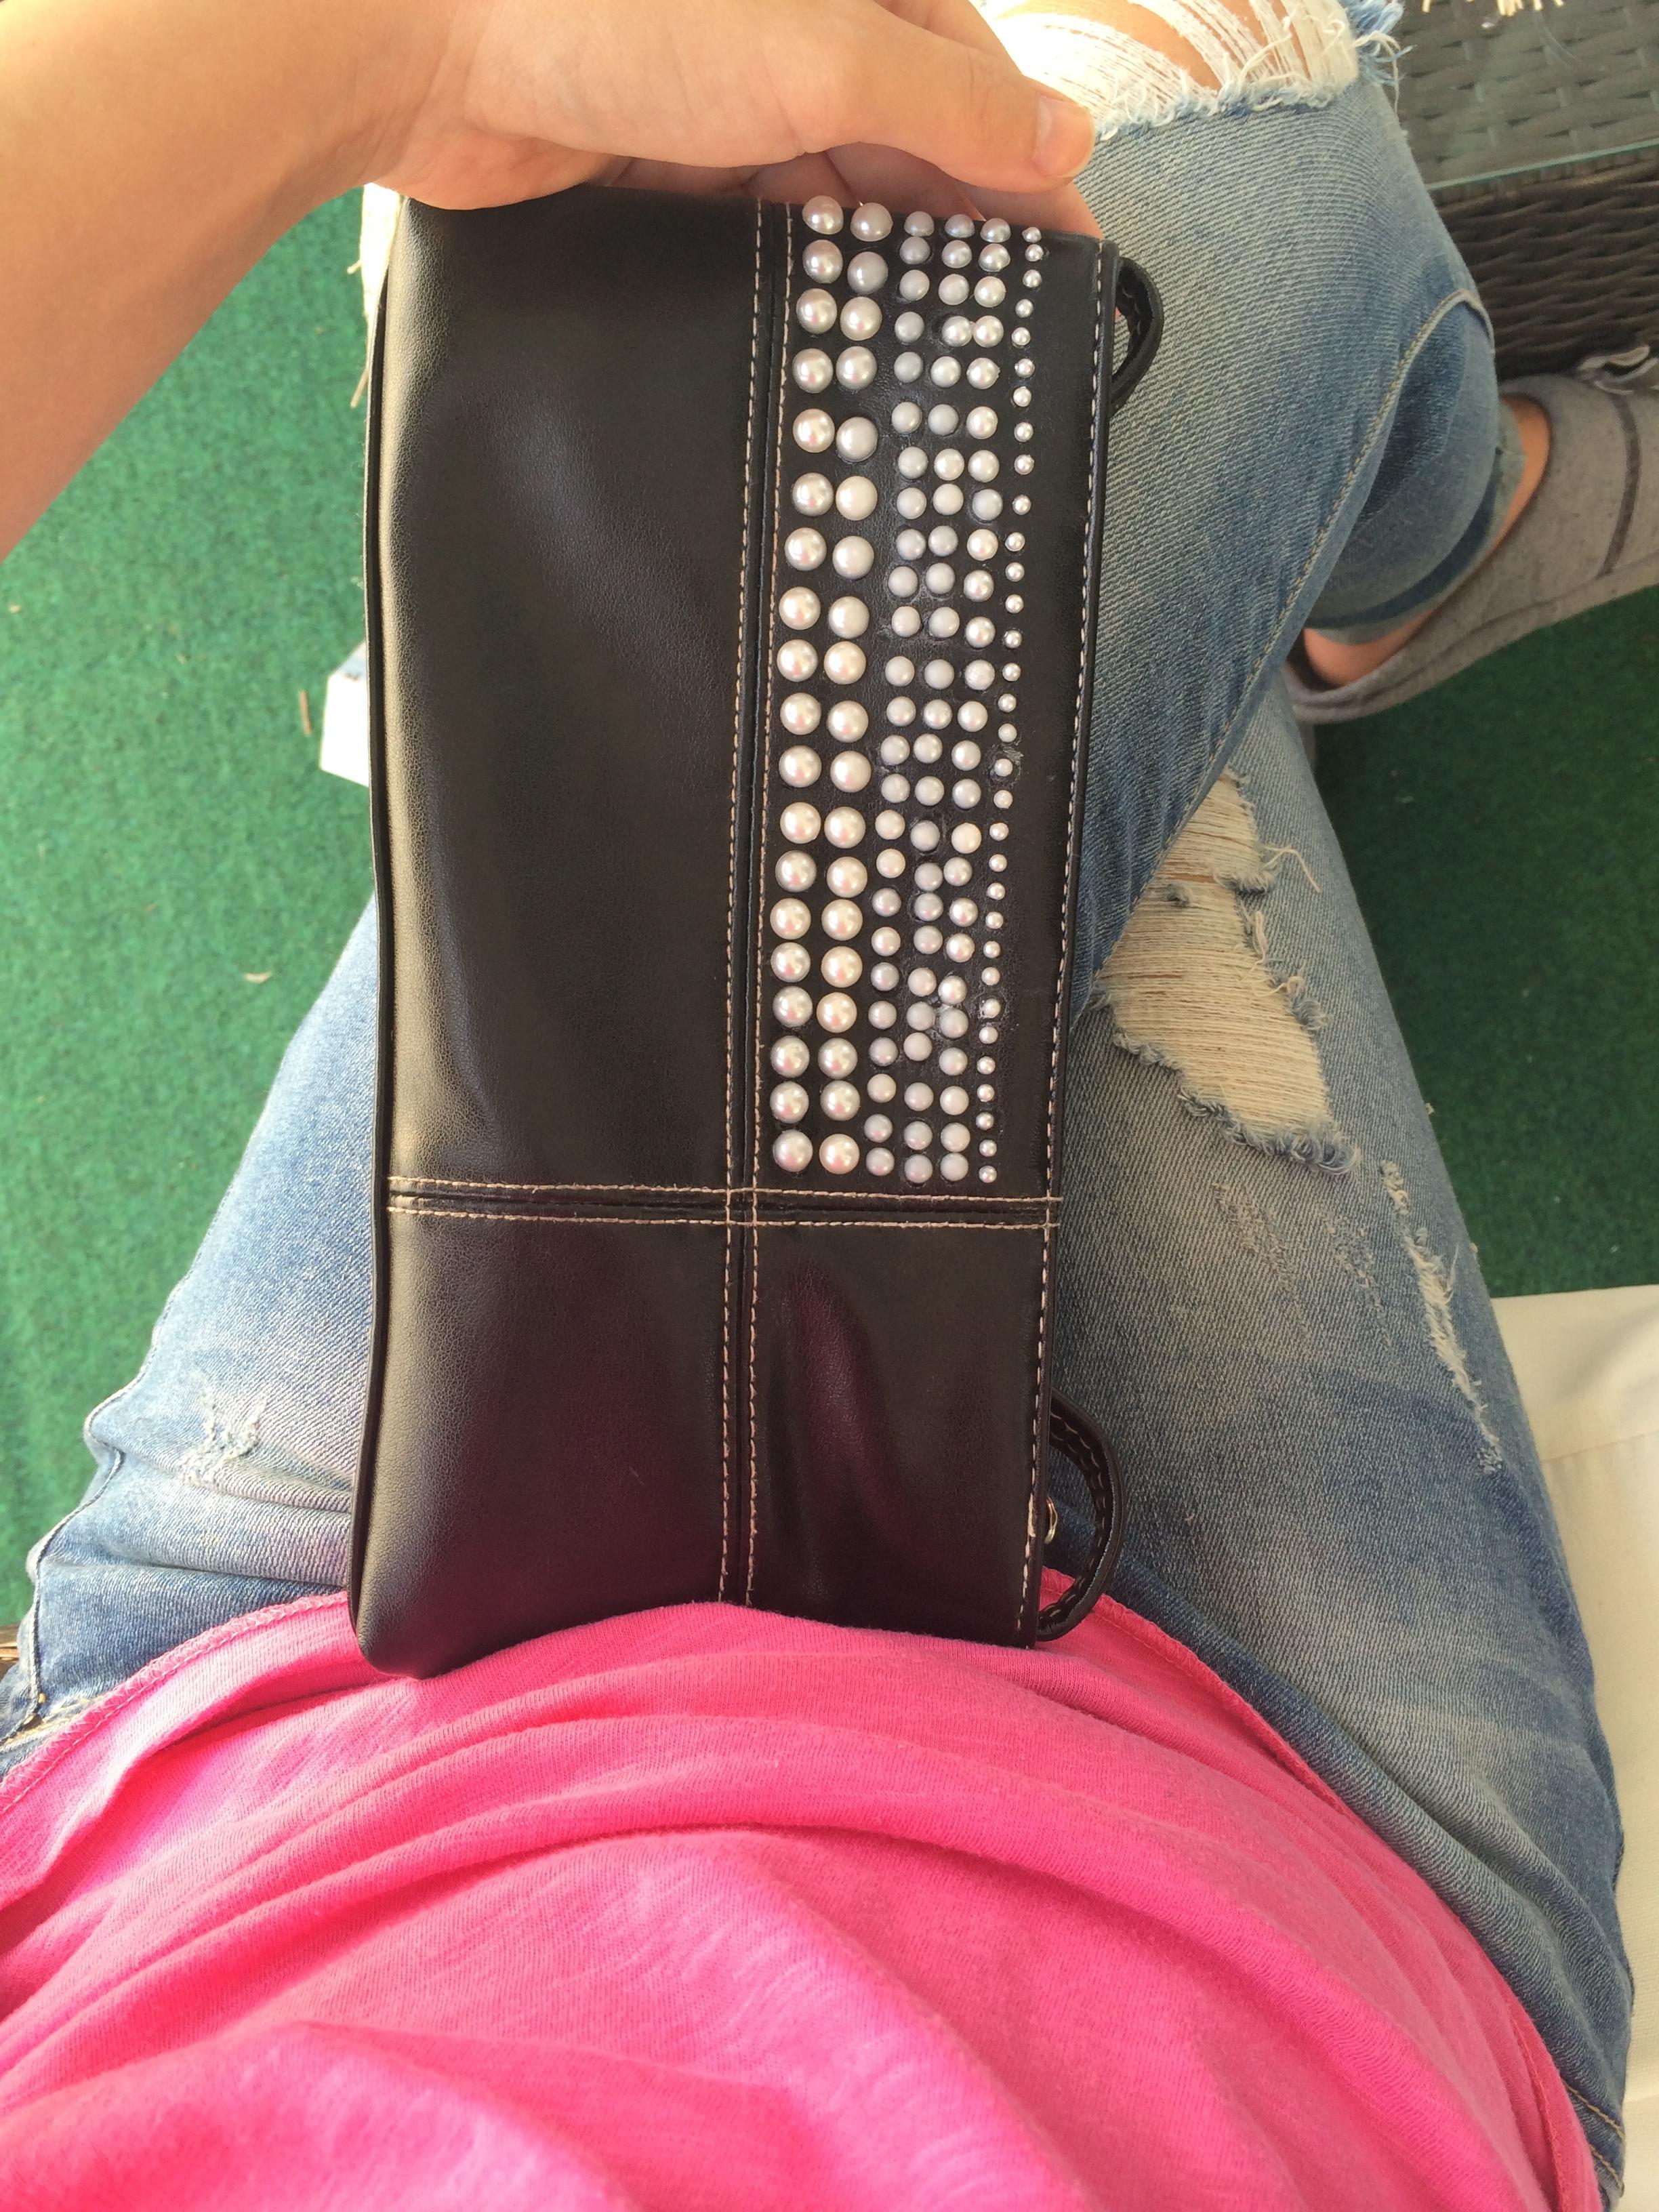 Handtaschen DIY mit Perlen